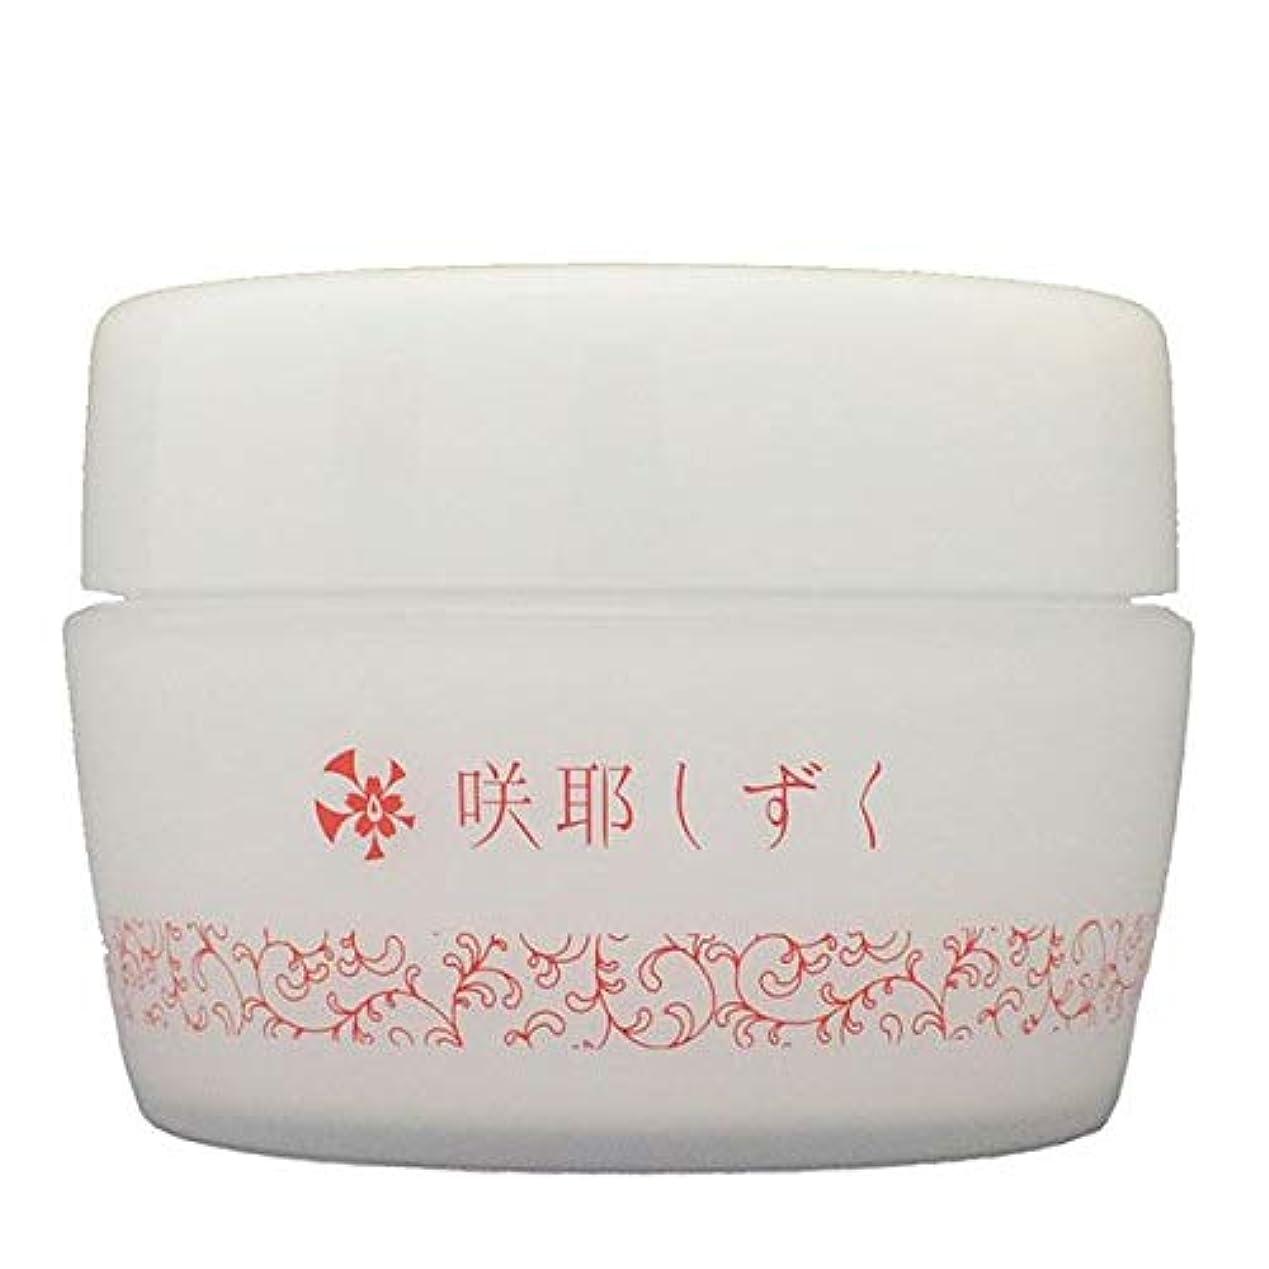 寛容制限された勇気咲耶しずく クリーム 乾燥肌 さくやしずく 敏感肌 エムズジャパン M's Japan ms-sge01